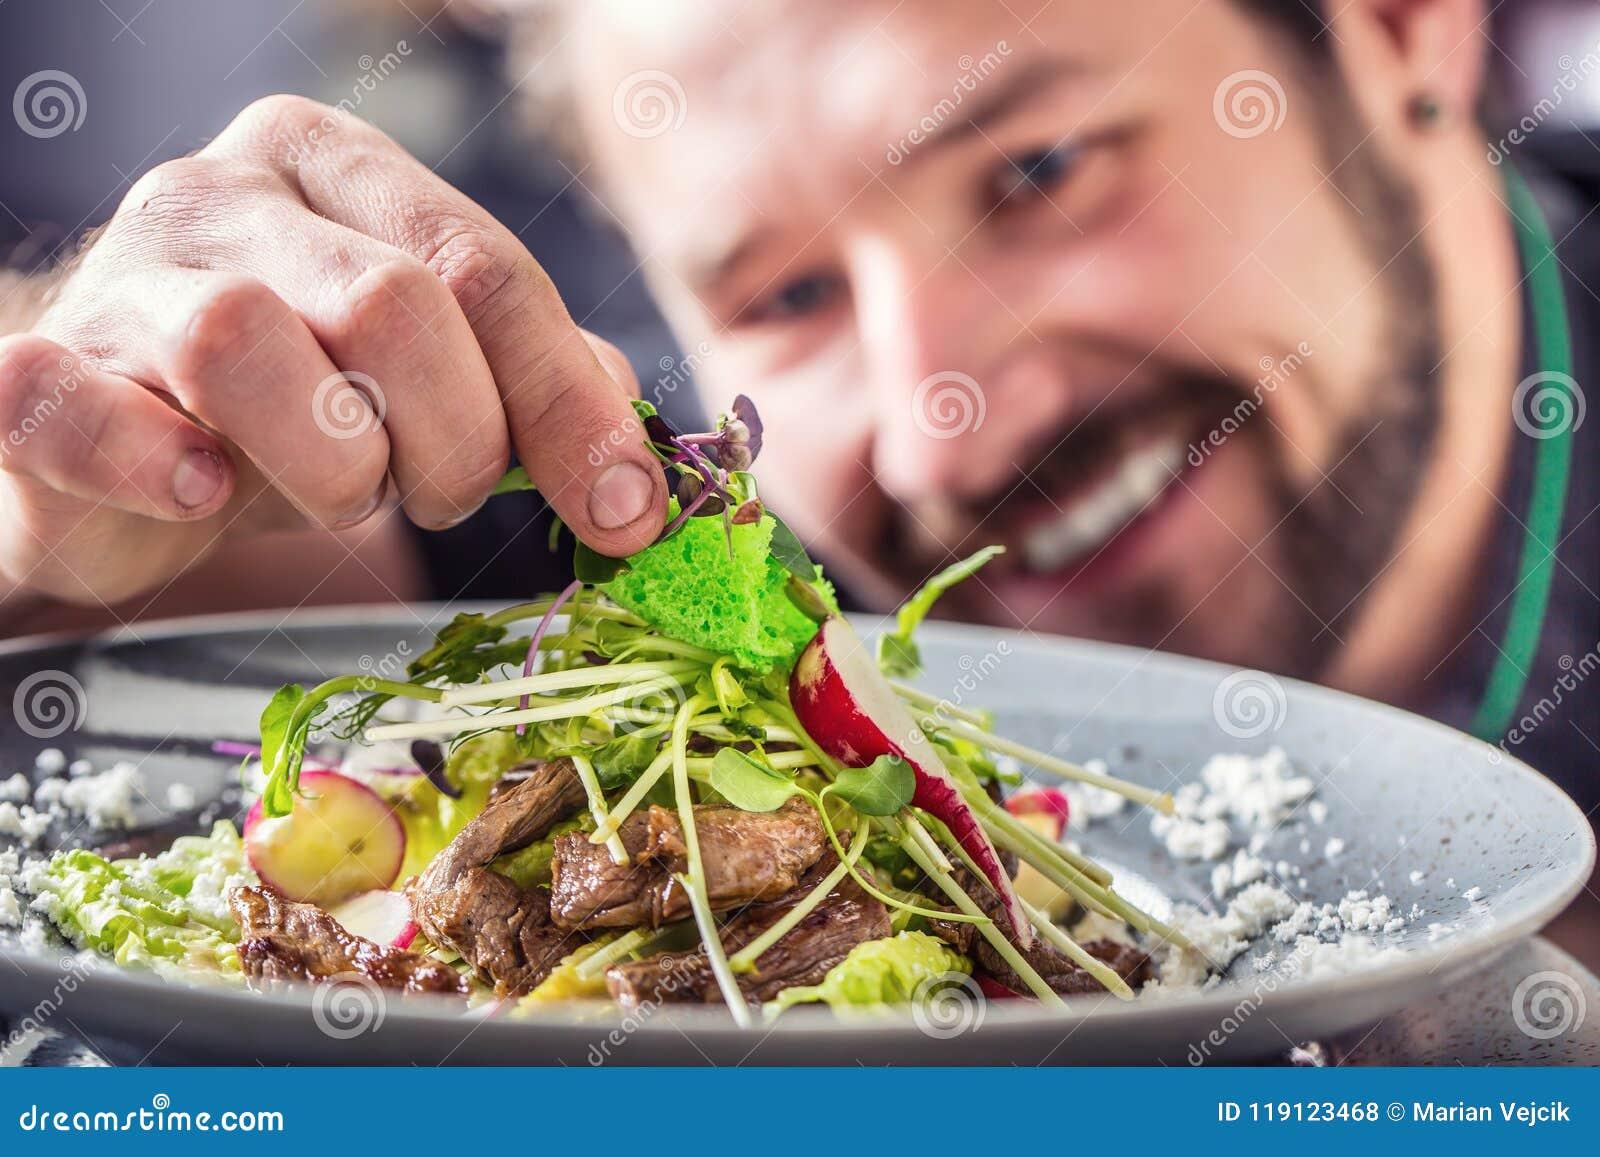 Αρχιμάγειρας στο ξενοδοχείο ή εστιατόριο που προετοιμάζει τη σαλάτα με τα κομμάτια του βόειου κρέατος